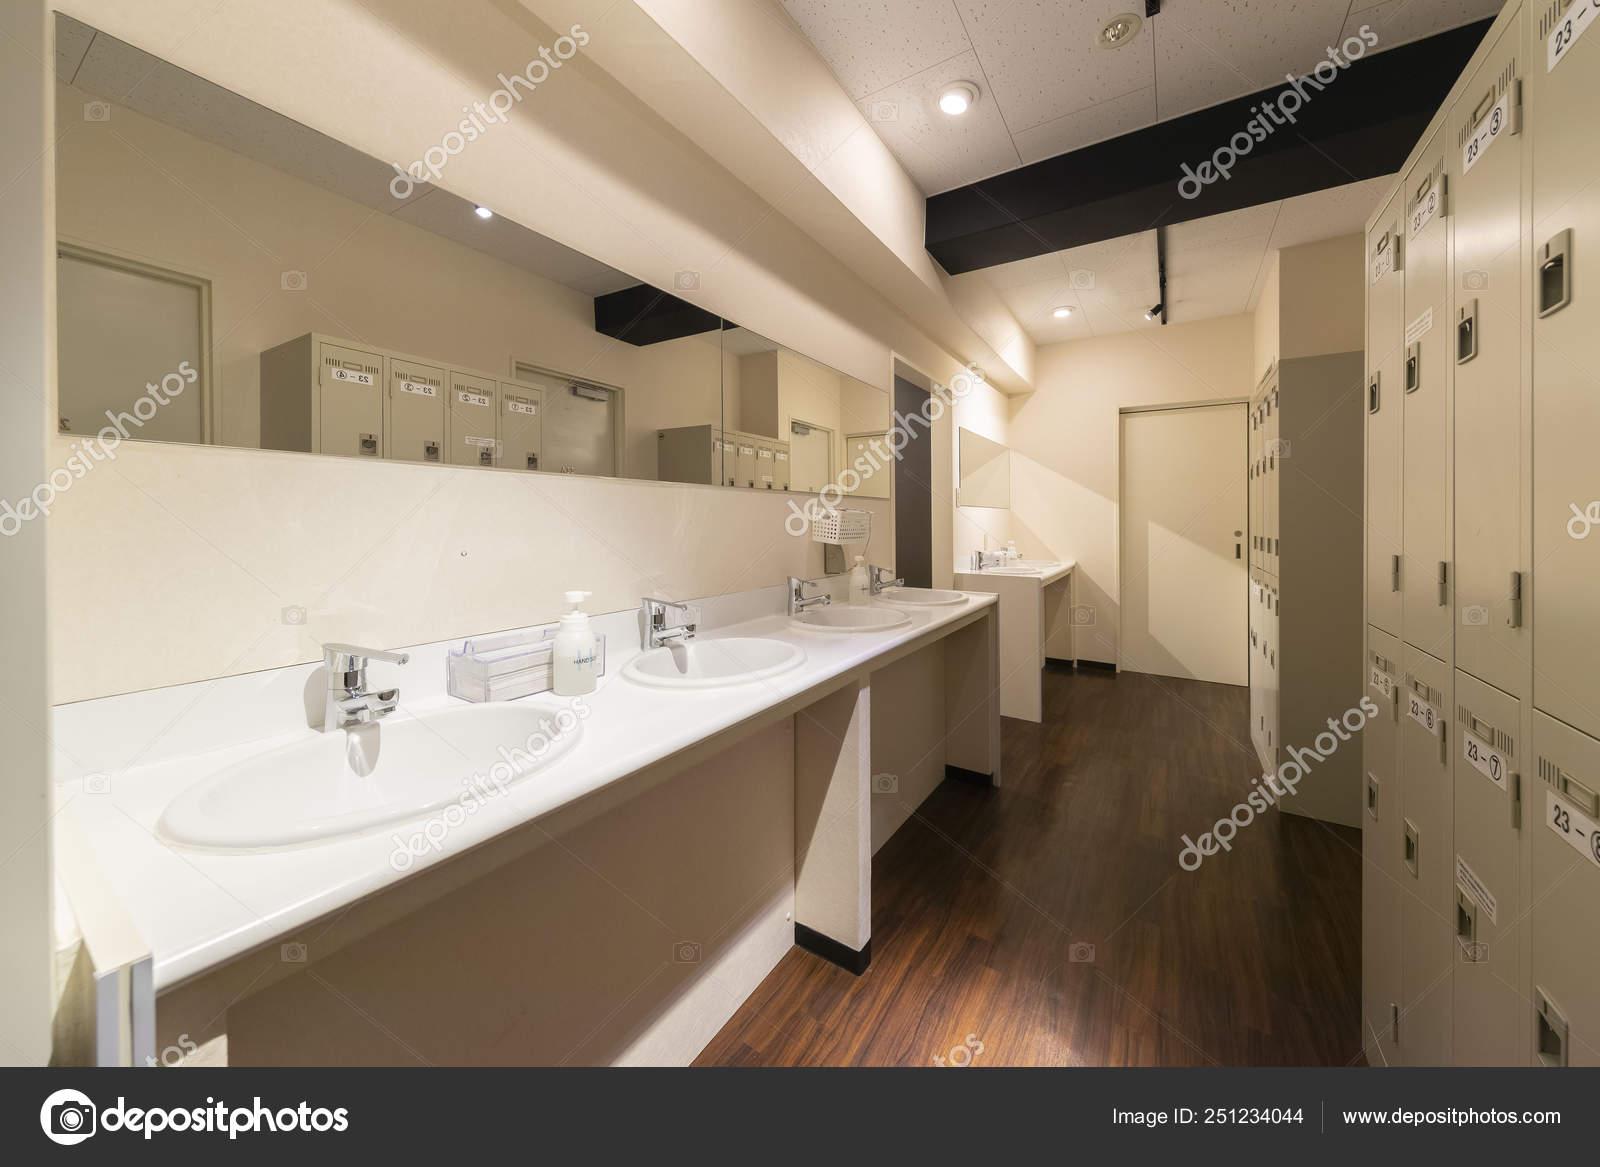 Lavabos Armarios Cuarto Baño — Foto editorial de stock ...